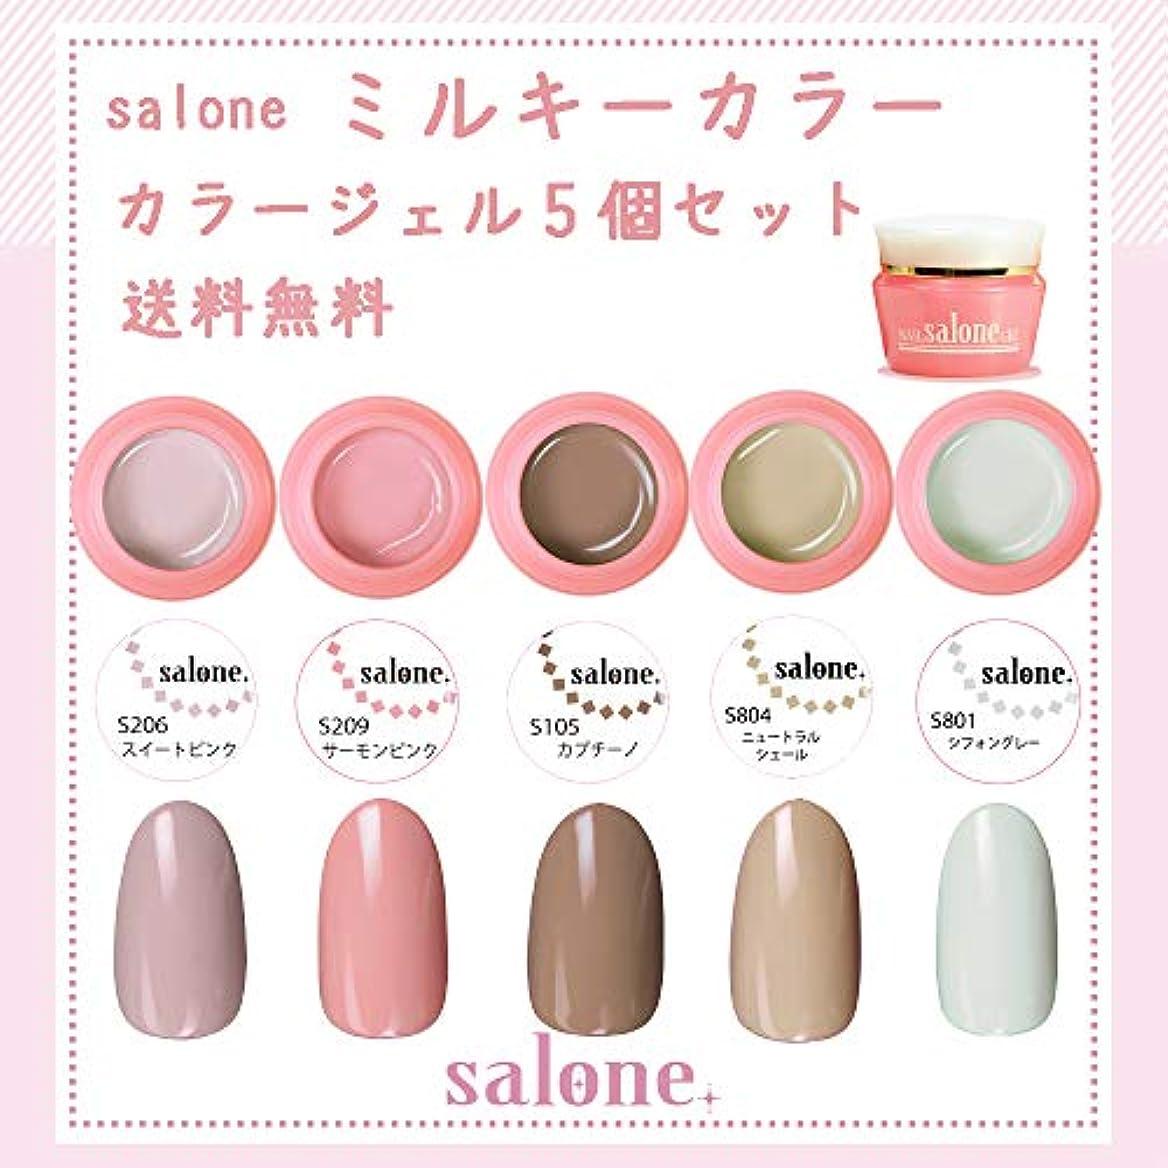 独占重要性あたたかい【送料無料 日本製】Salone ミルキーカラージェル5個セット 暖かく大人可愛いトレンドカラー